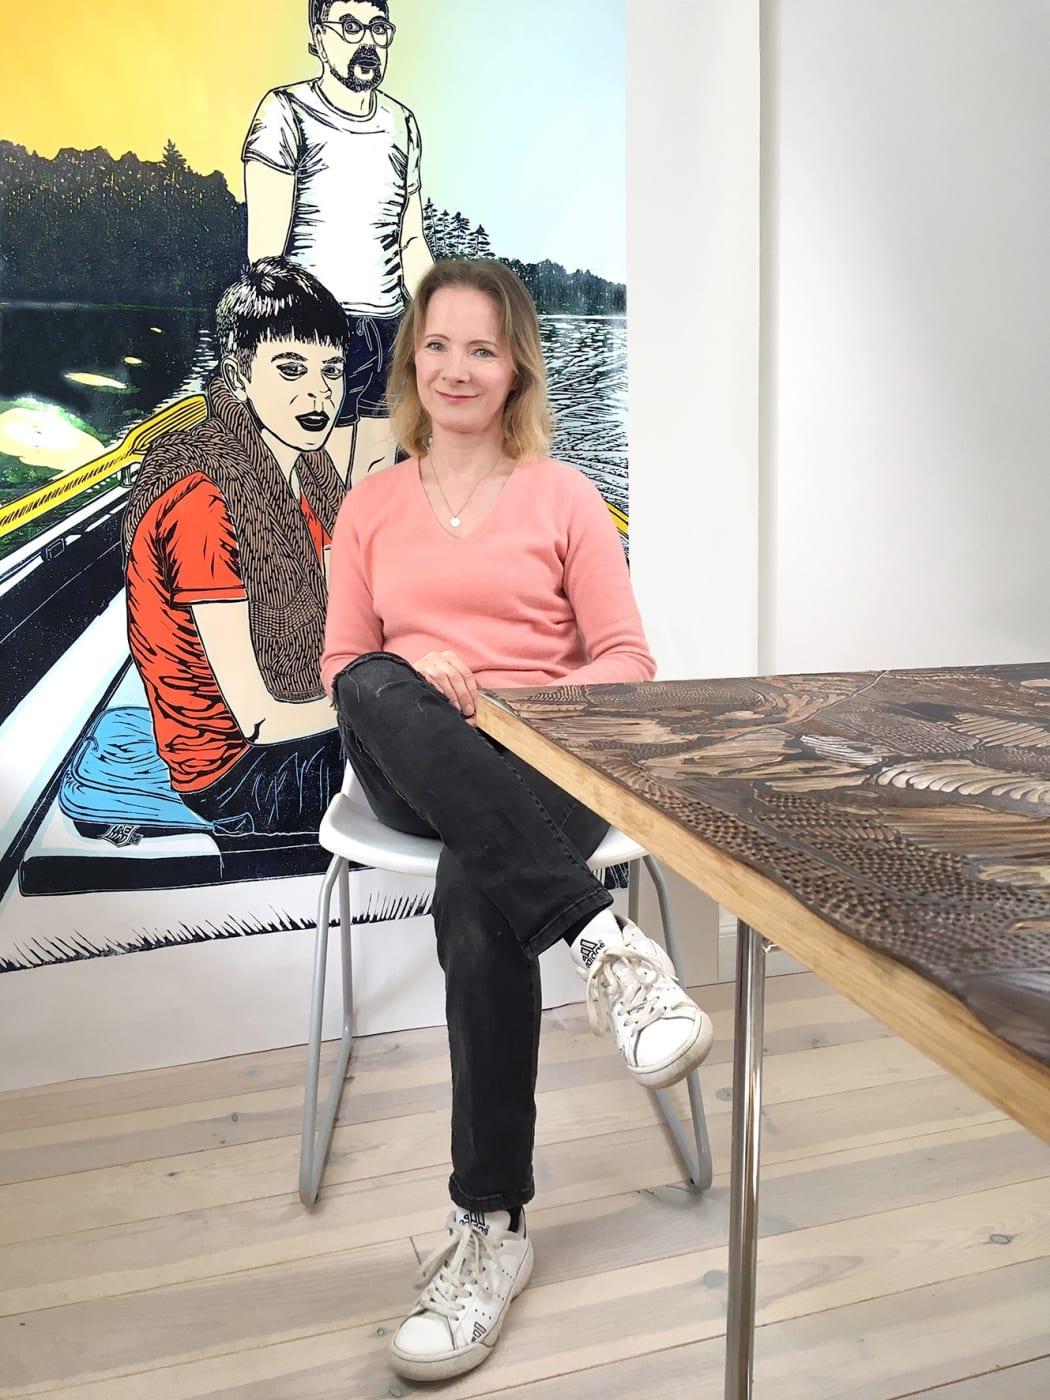 Pia Van Nuland